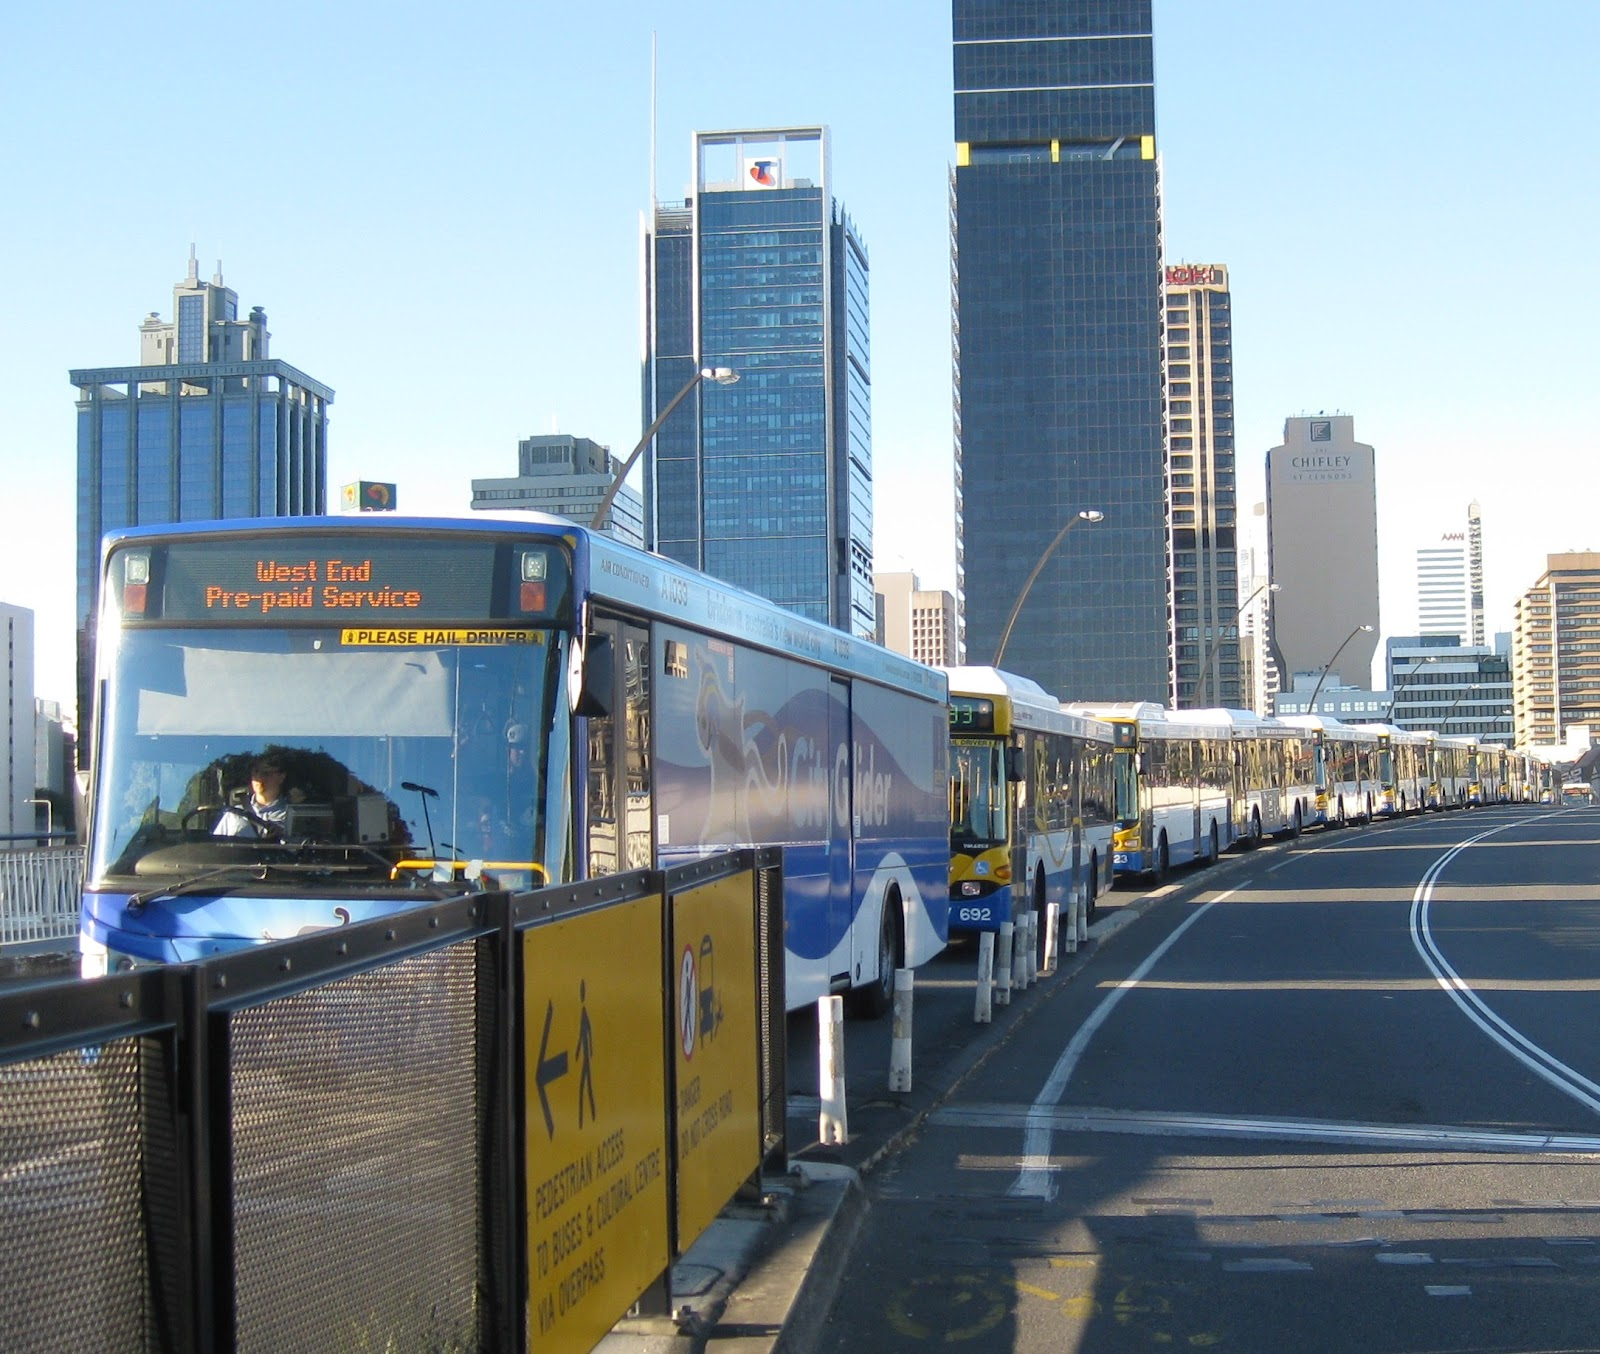 Light Rails: Mobility Management Australia: BRT Or LRT? Busway Or Light